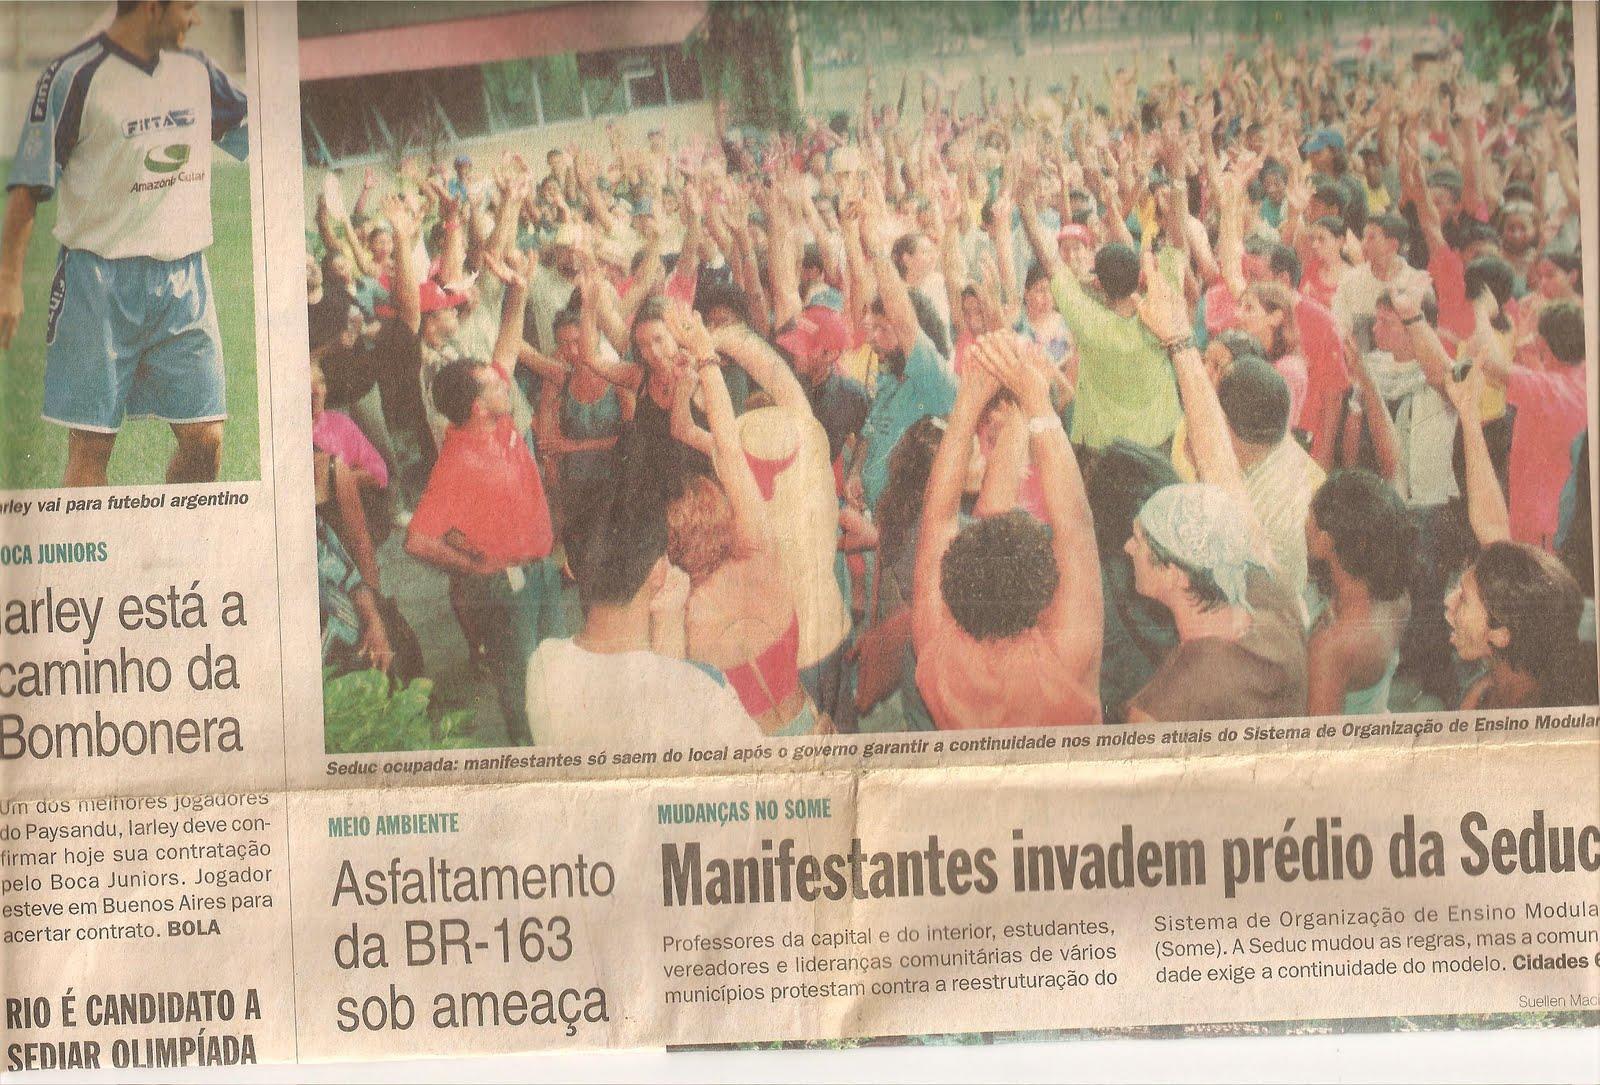 3b84096fc027 APSOME DO ESTADO DO PARÁ: 2010